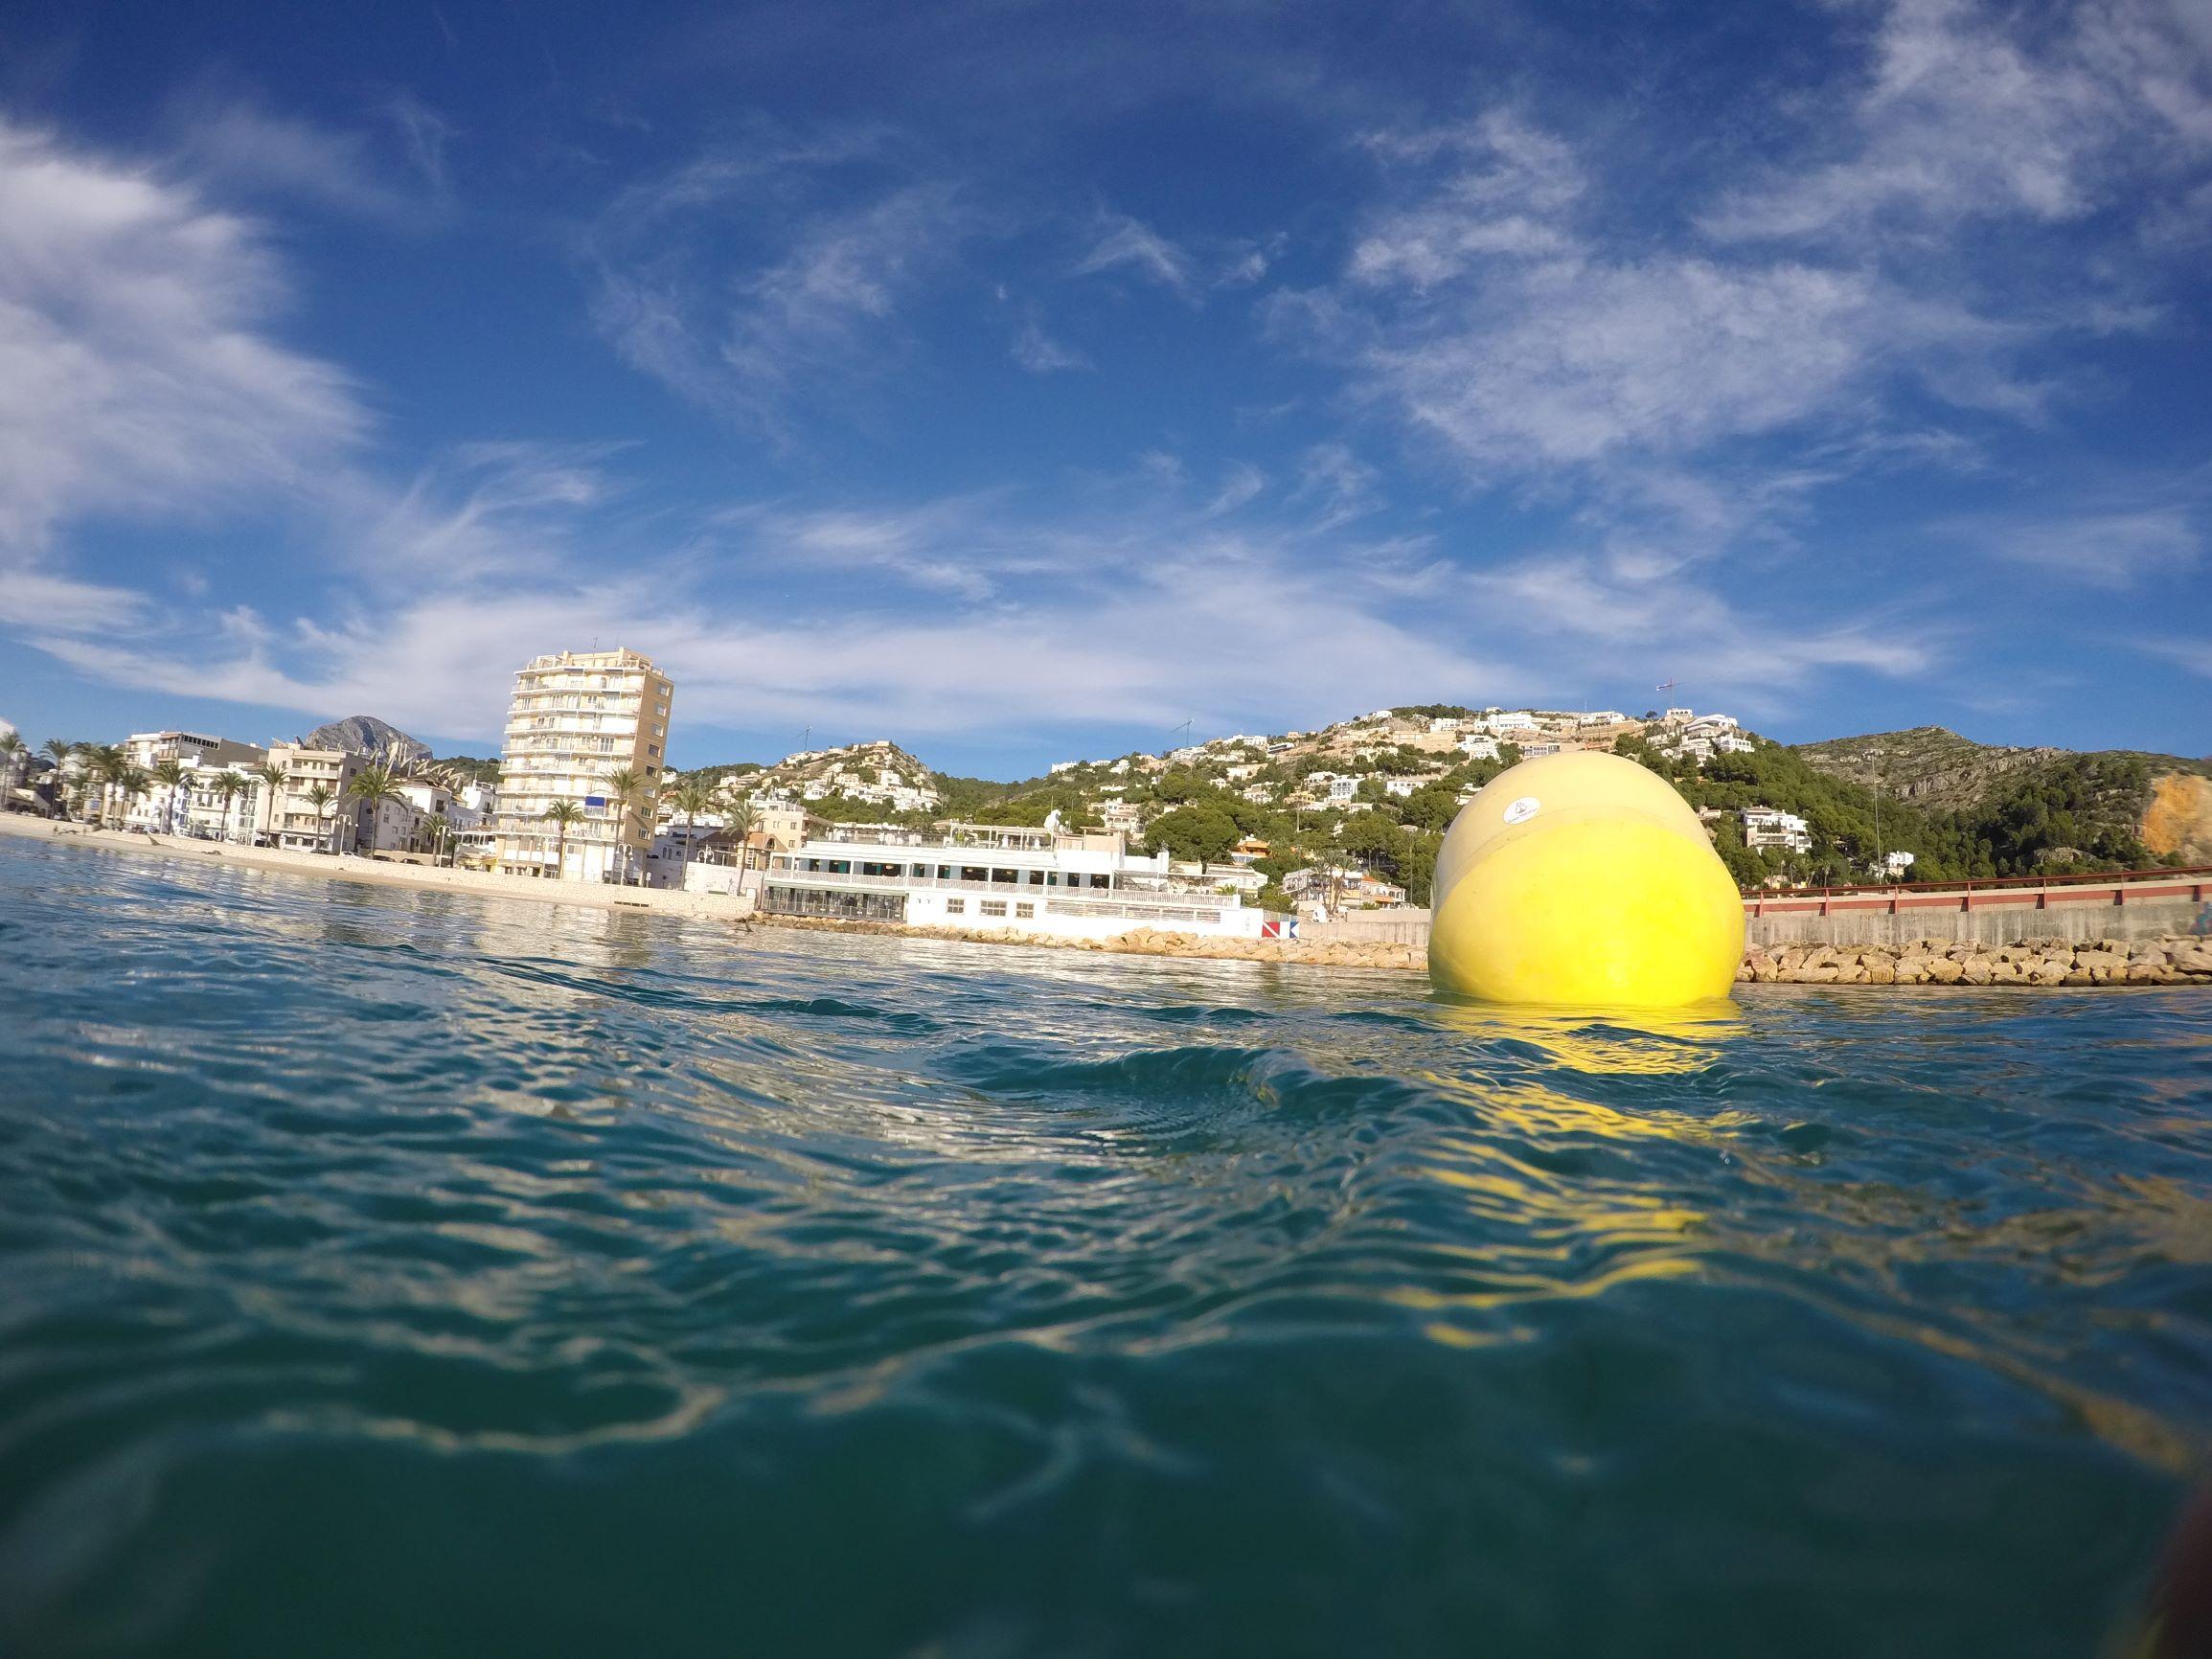 Boyas para controlar la calidad de las playas - Capital